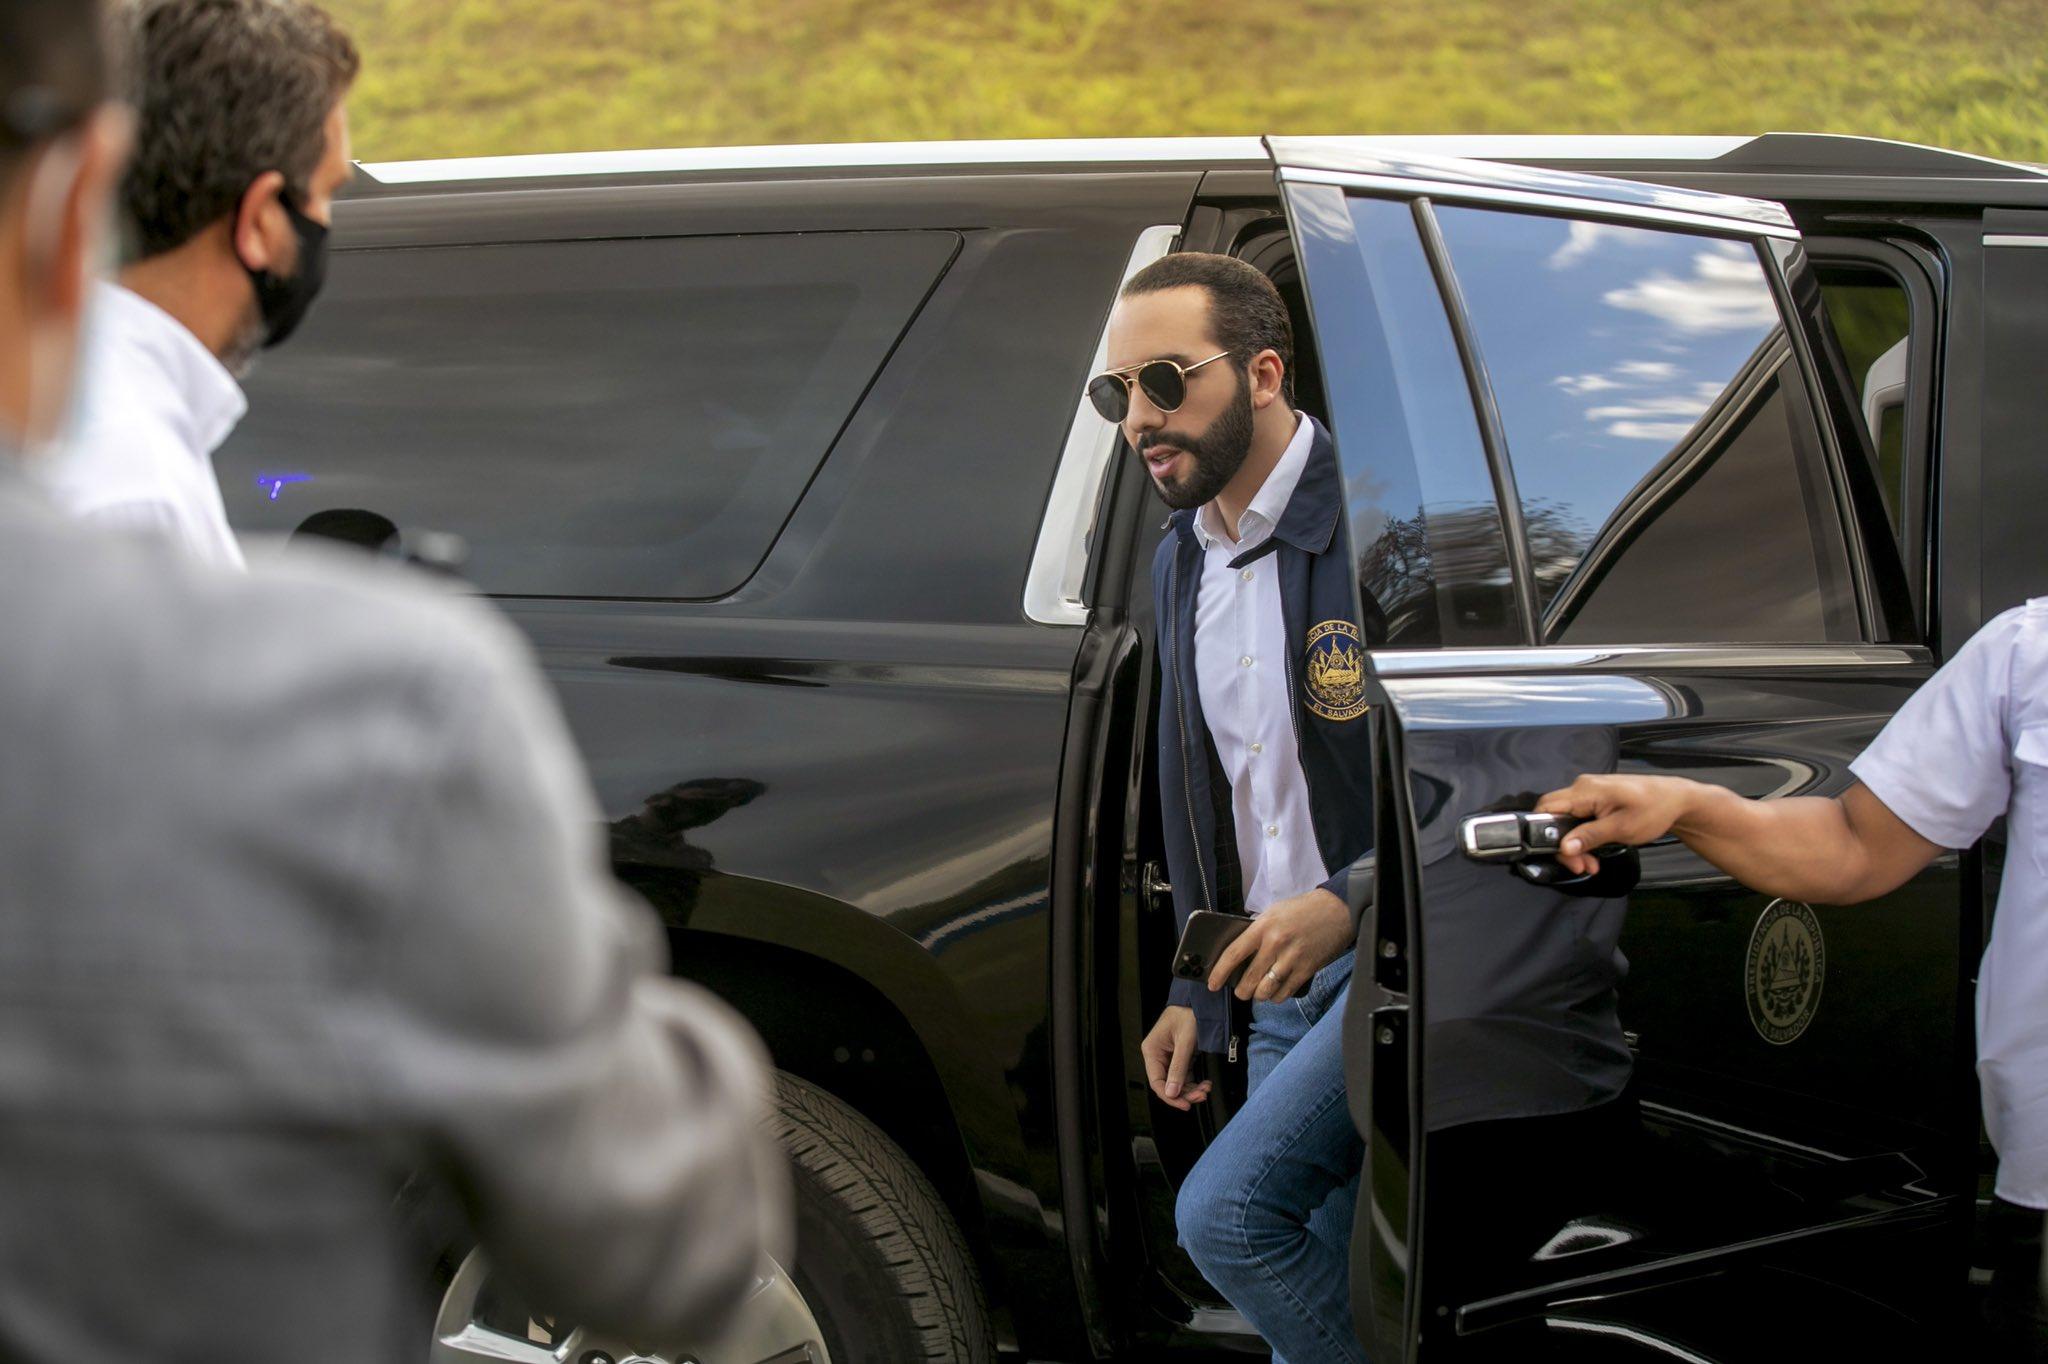 De un solo golpe Nayib Bukele concentró todo el poder en El Salvador / @nayibbukele